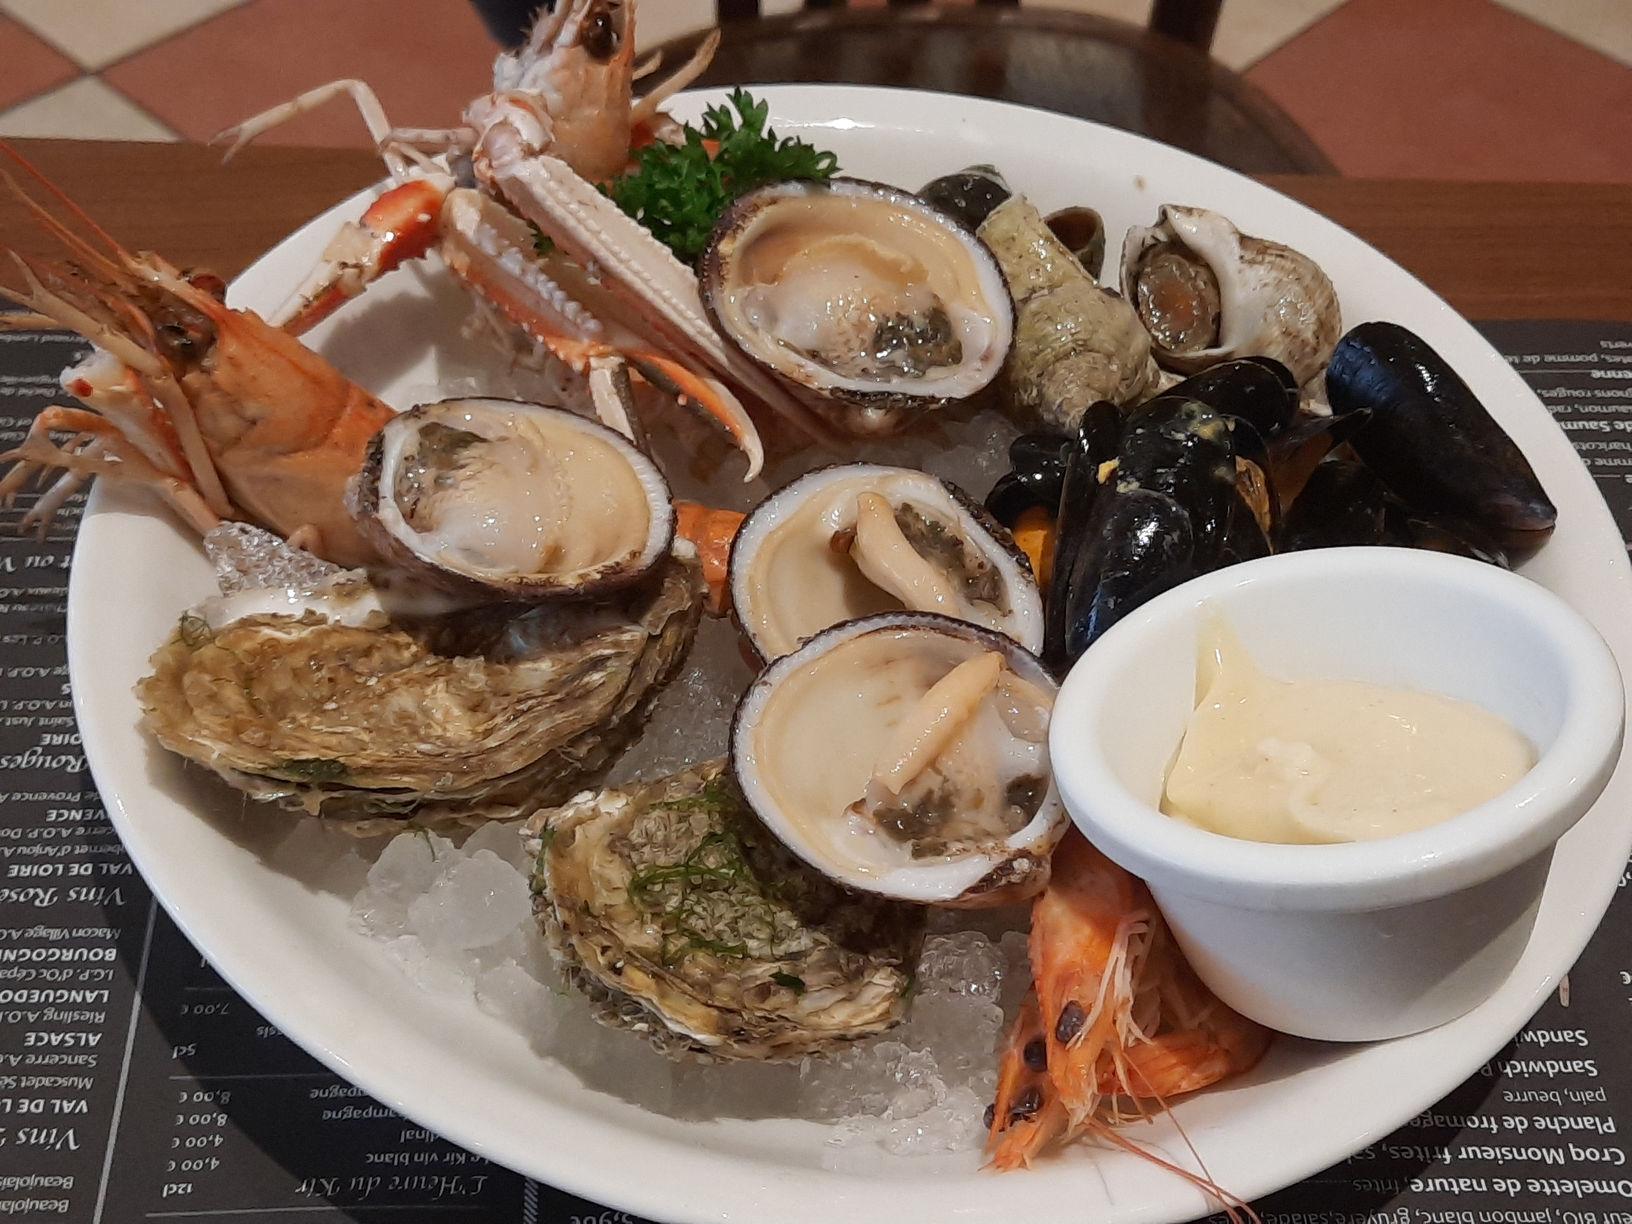 Нормандия фото еда